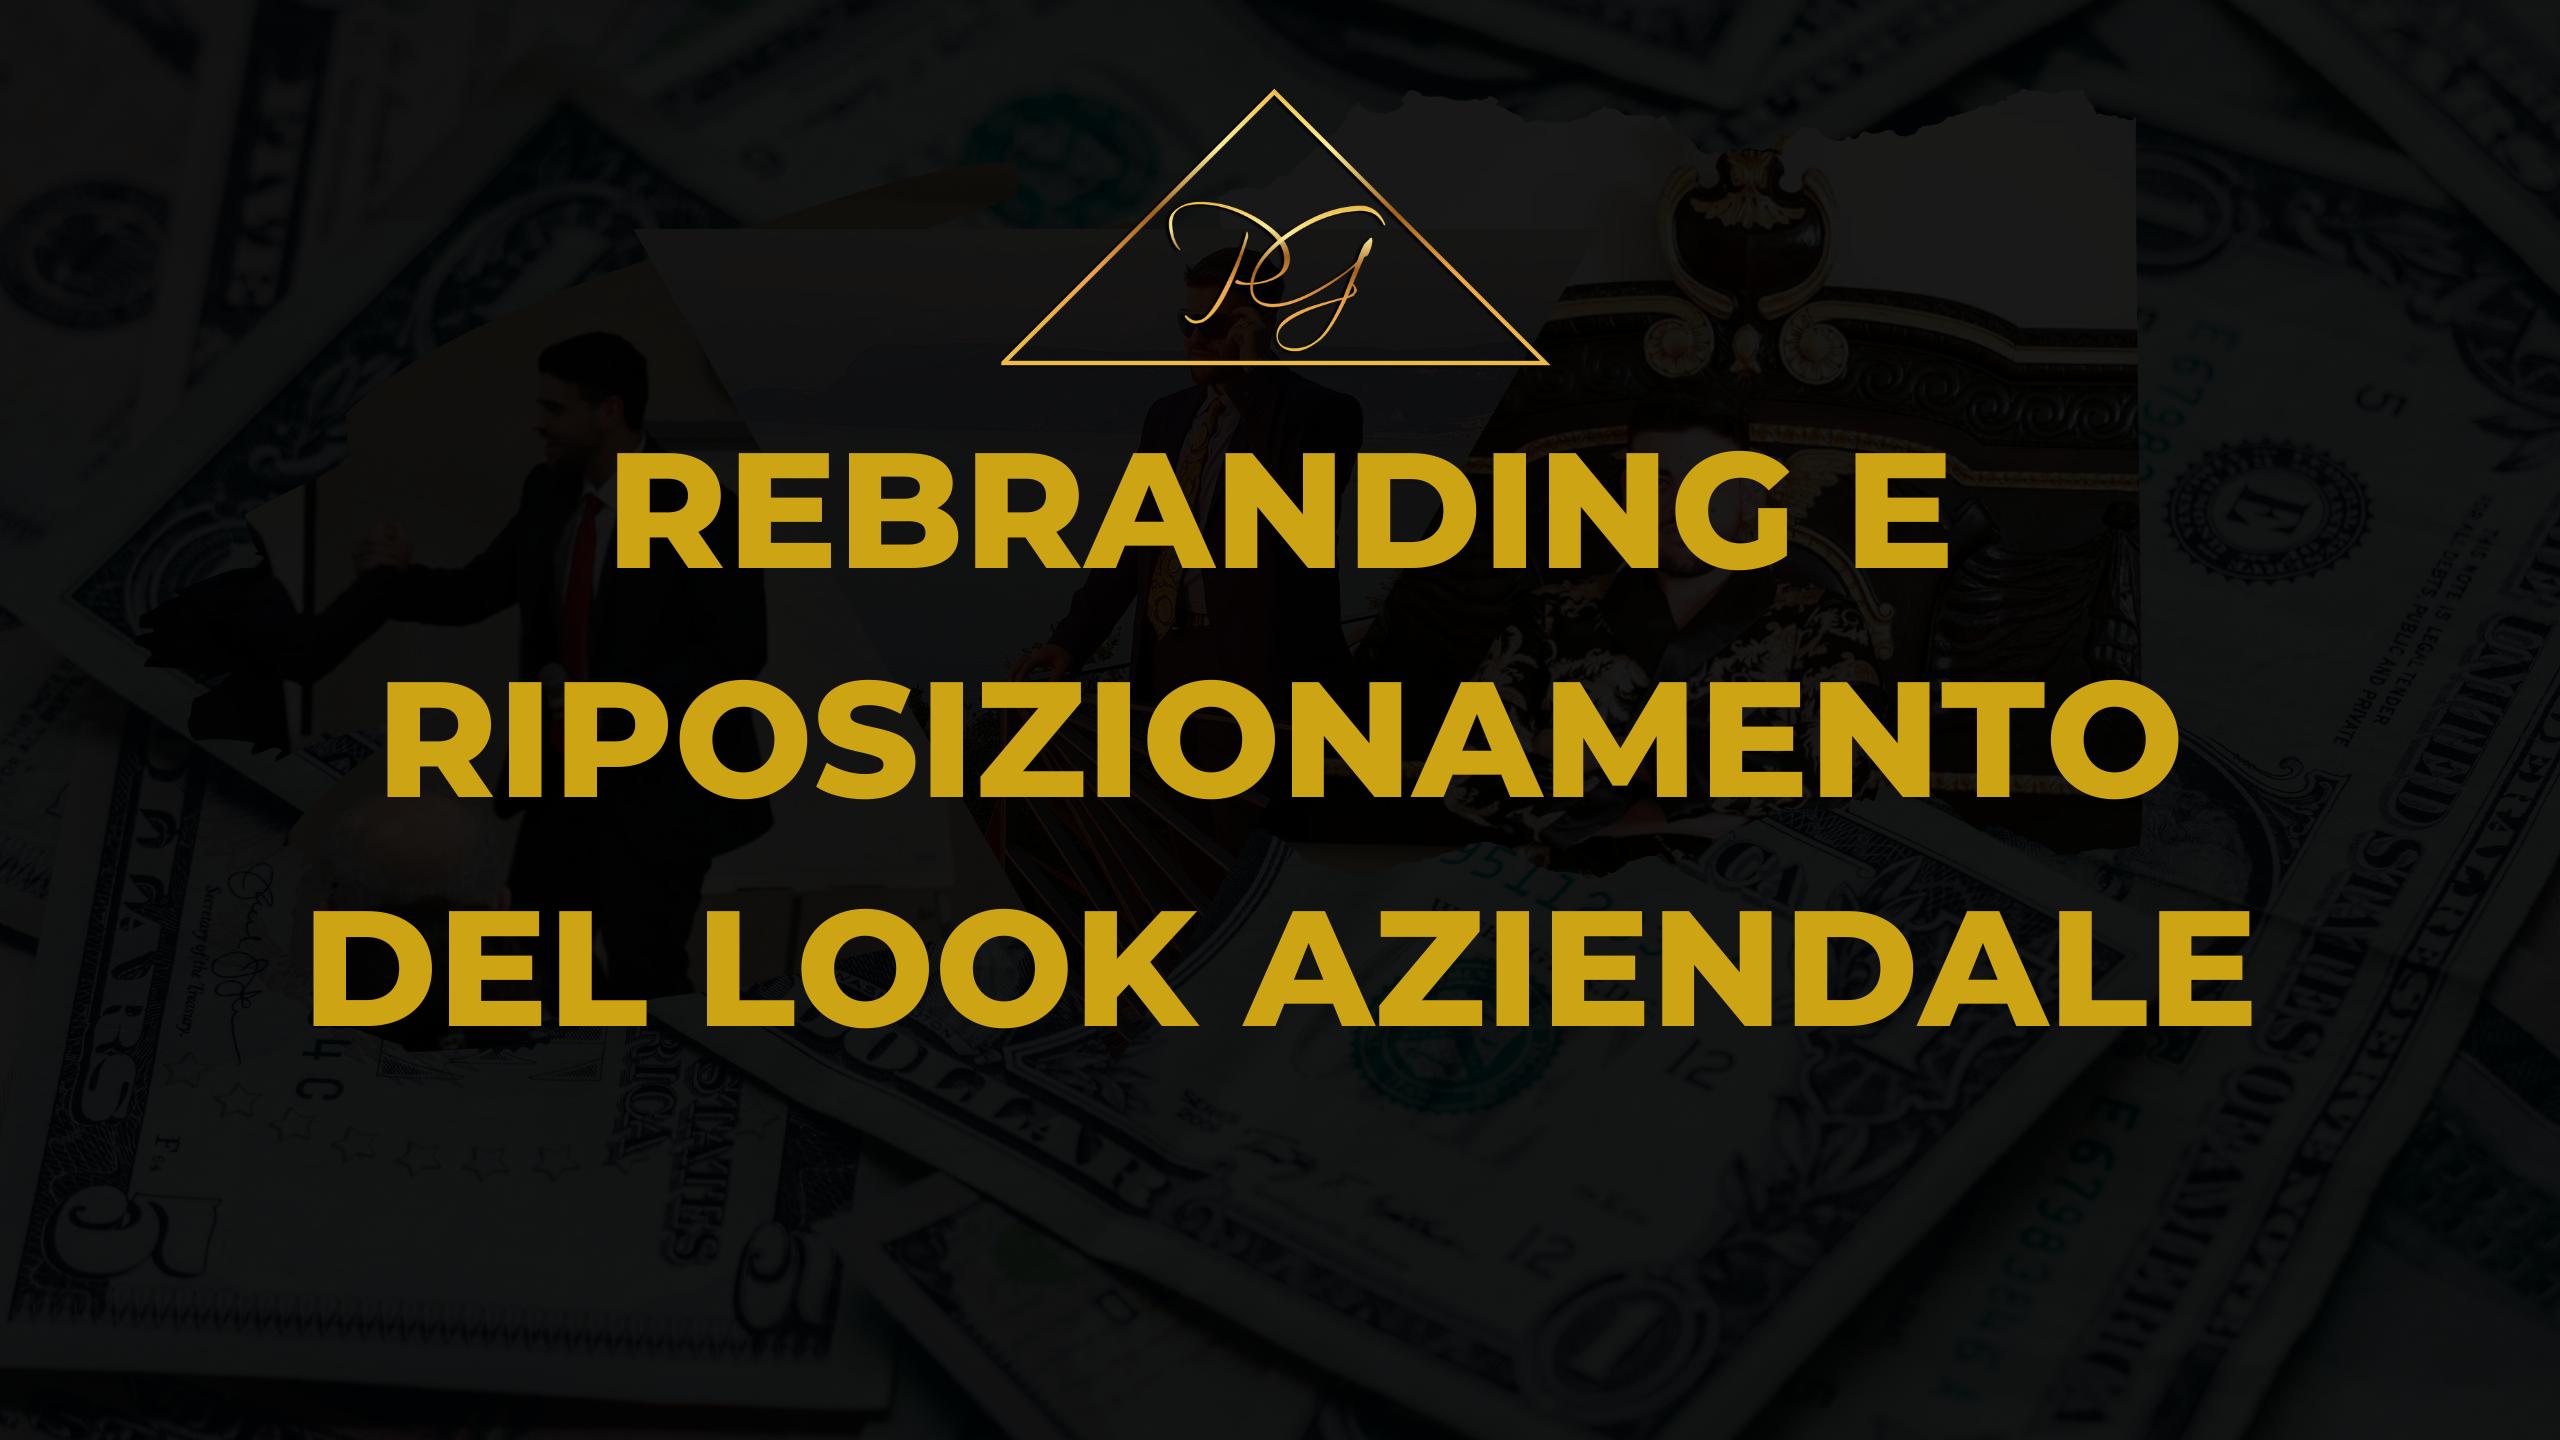 Rebranding e riposizionamento del look aziendale